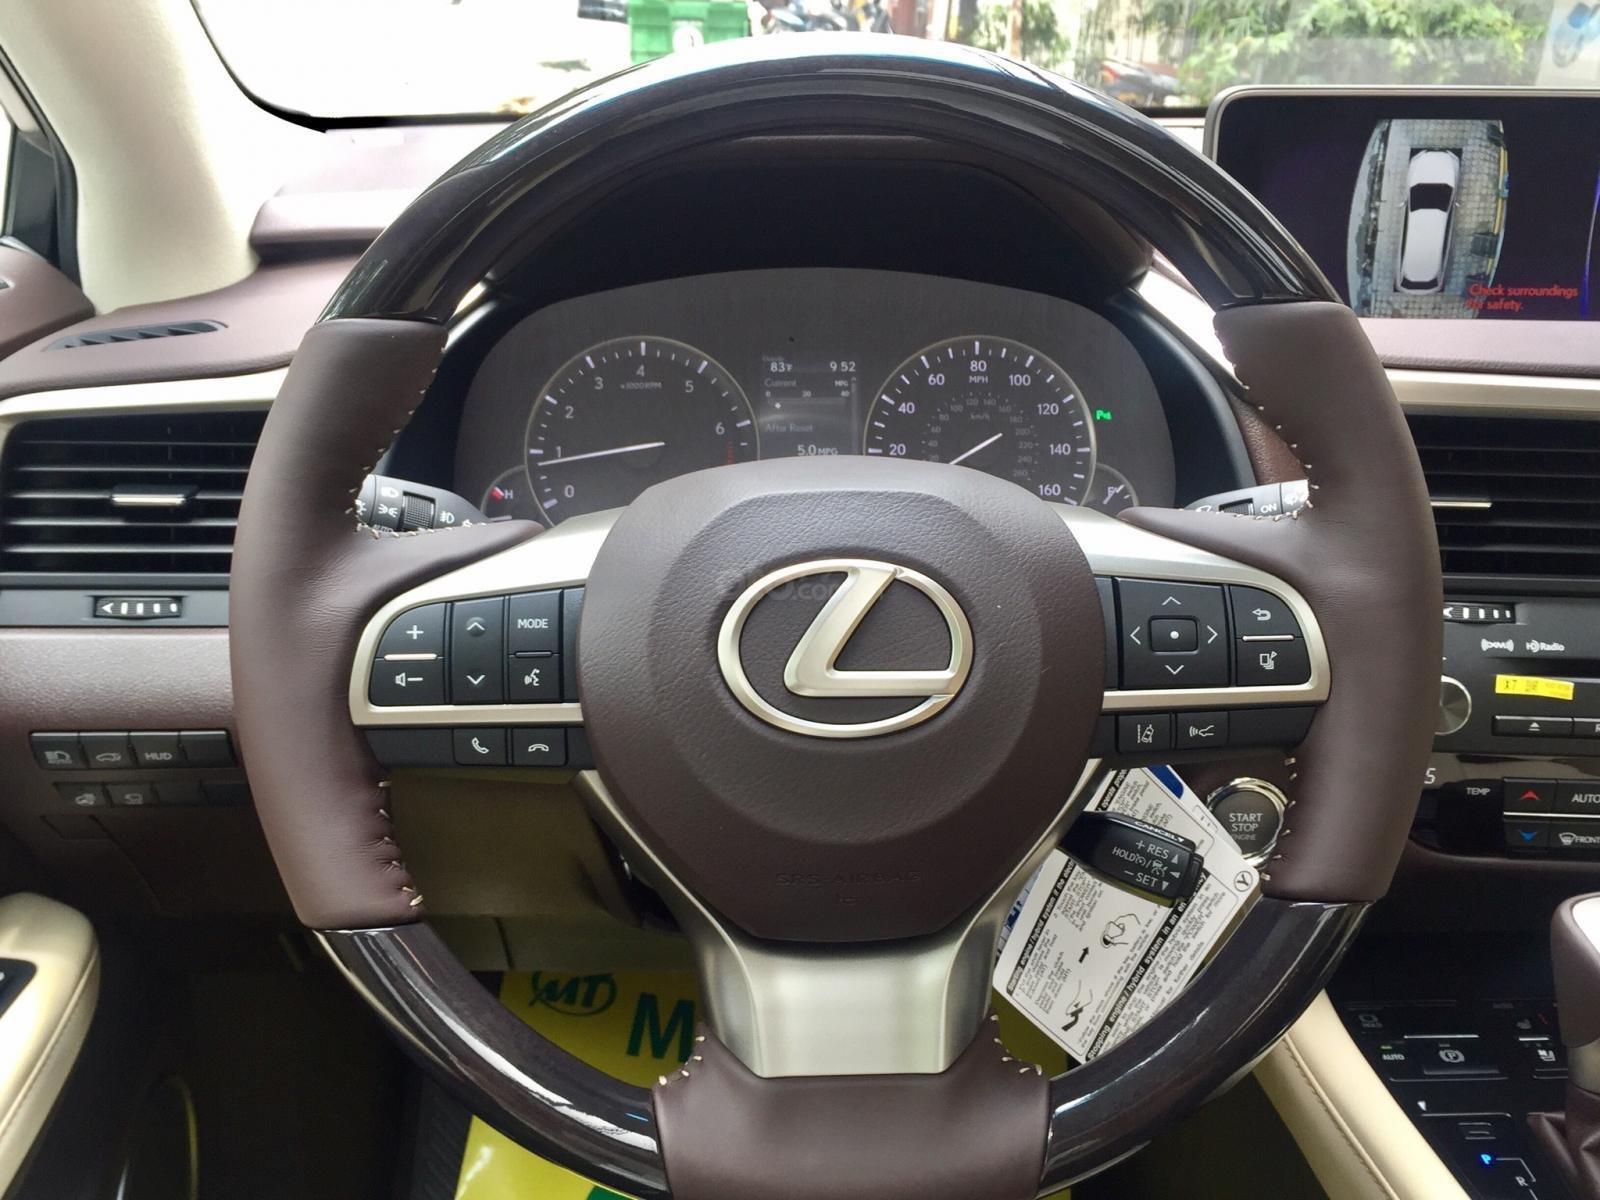 Cần bán xe Lexus RX350 2018 Luxury 05 chỗ mới, nhập Mỹ, full option. Lh 093.798.2266-19